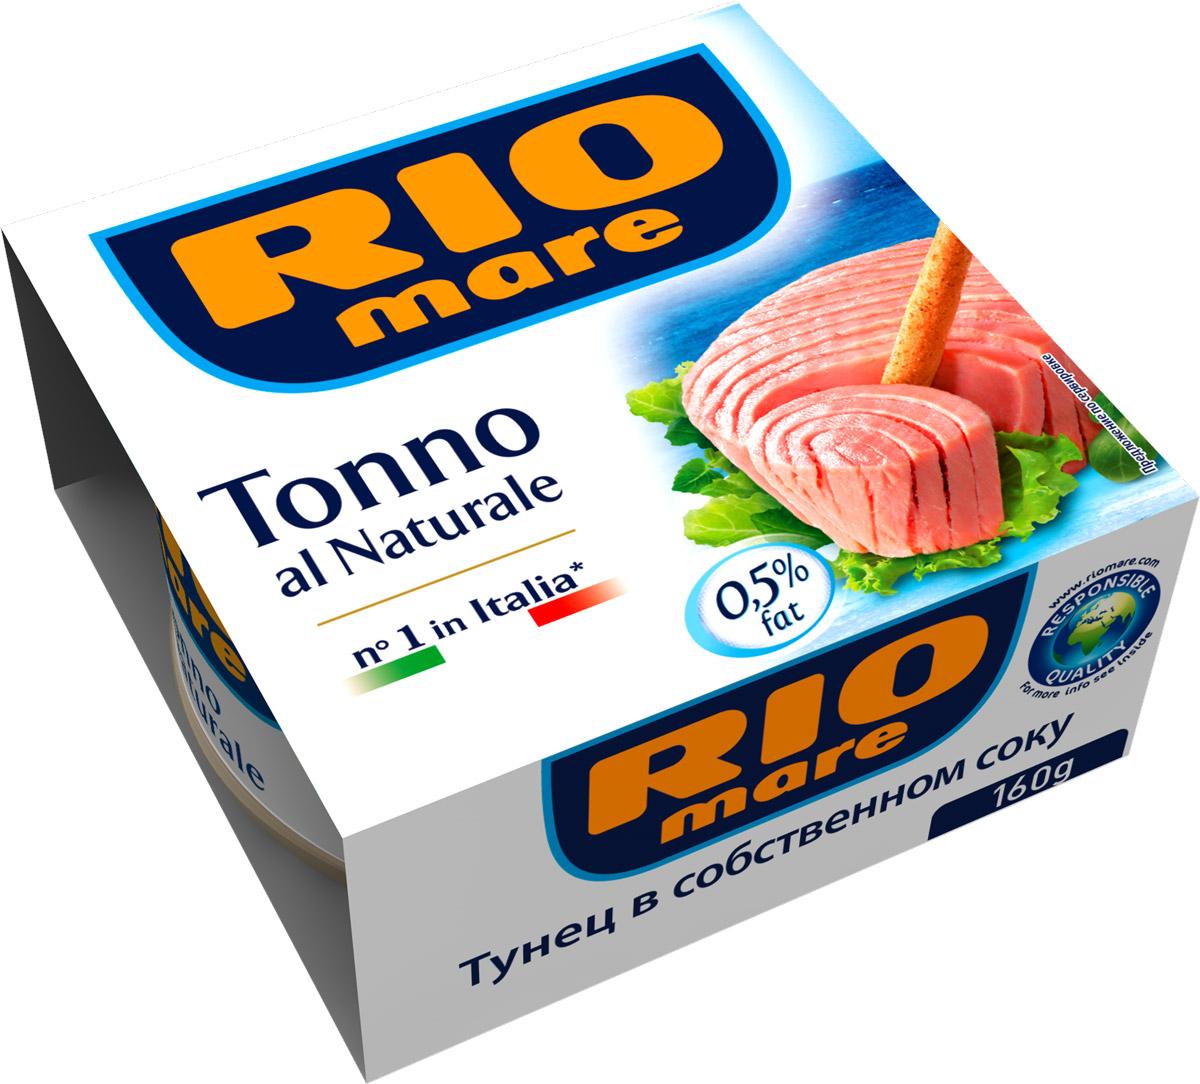 Rio Mare тунец в собственном соку, 160 ггрс013Тунец в собственном соку всегда был самым популярным консервированным продуктом в Италии. Уникальный, ни с чем не сравнимый вкус тунца Rio Mare, обладающего розовым цветом и неизменным качеством. Высокое качество продукта обеспечивается за счет соблюдения строгого контроля и тщательного выполнения процессов обработки. Продукт идеален для приготовления различных блюд, от закусок до салатов из свежих овощей и питательных салатов.